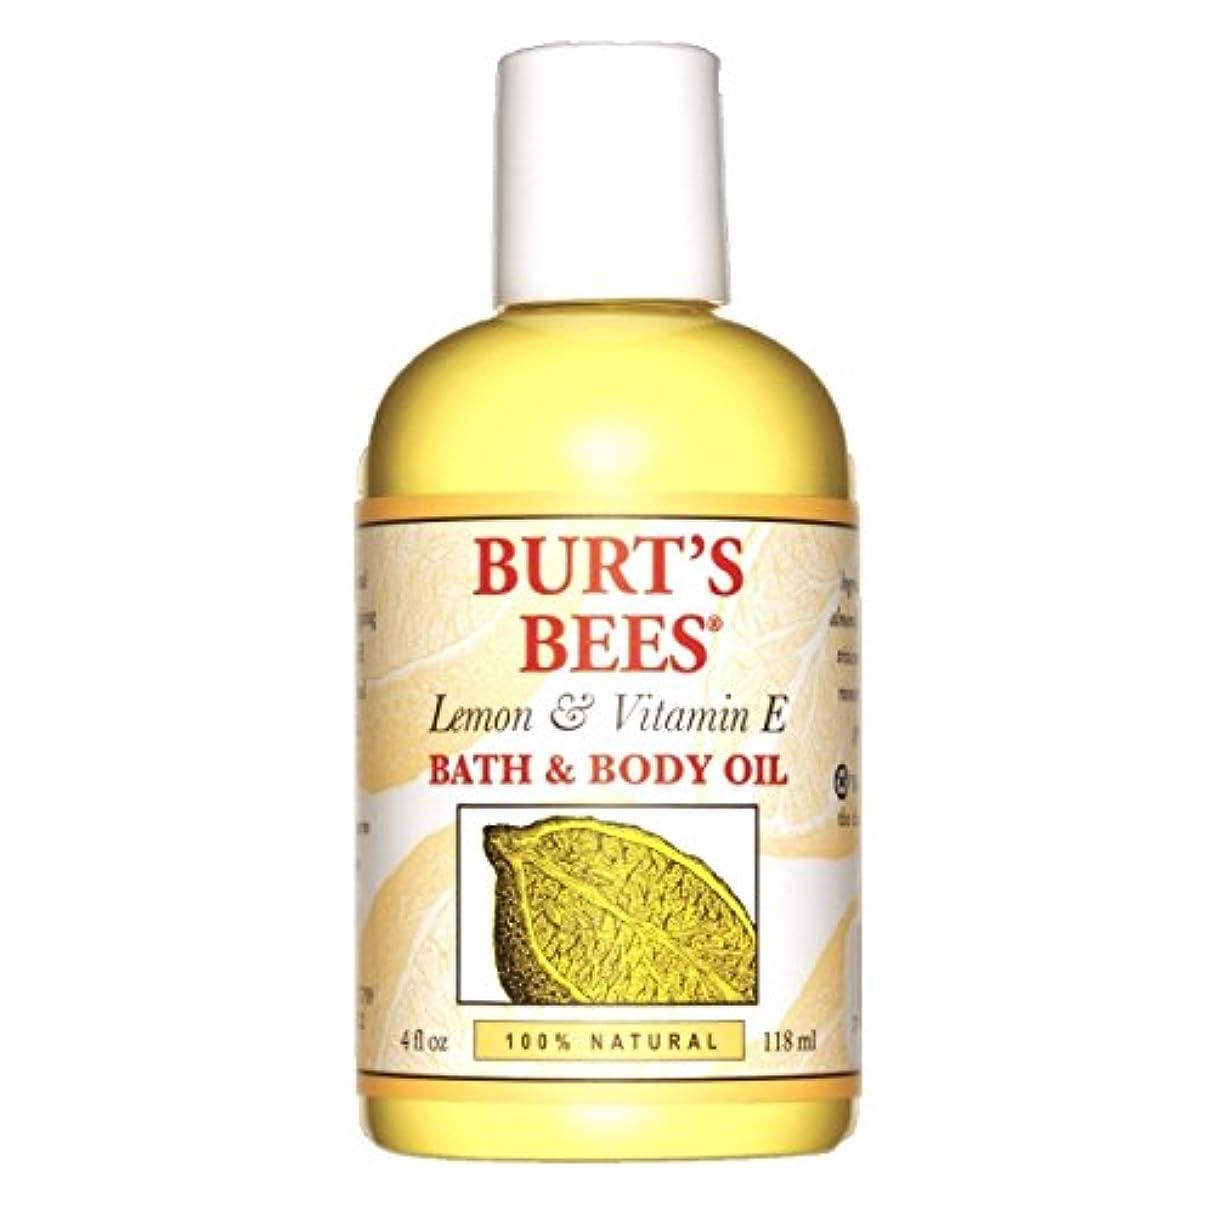 遅滞過敏なバスバーツビーズ(Burt's Bees) レモン&ビタミンE バスアンドボディオイル 118ml [海外直送品][並行輸入品]